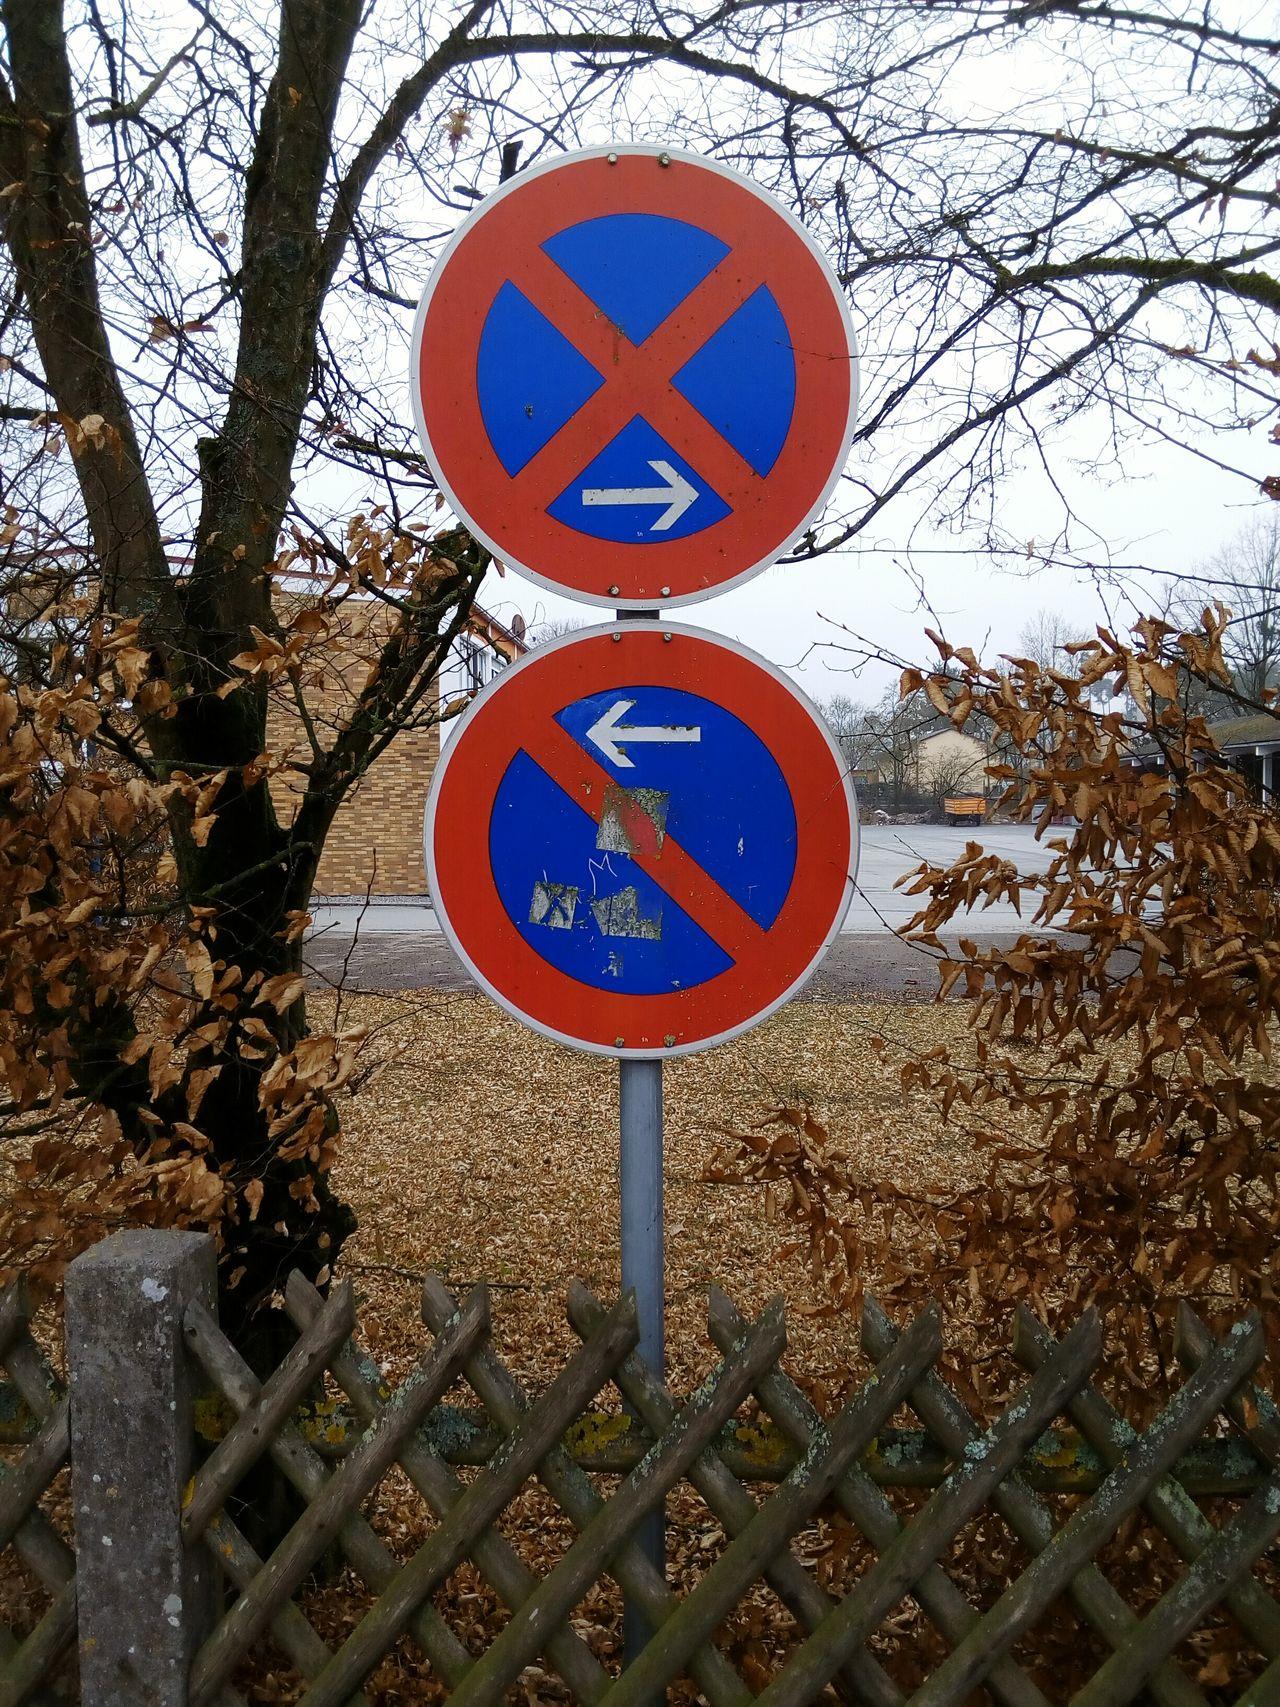 No Parking Sign Schild Road Sign Verkehrsschild Verkehrszeichen Staßenschild Straßenrand